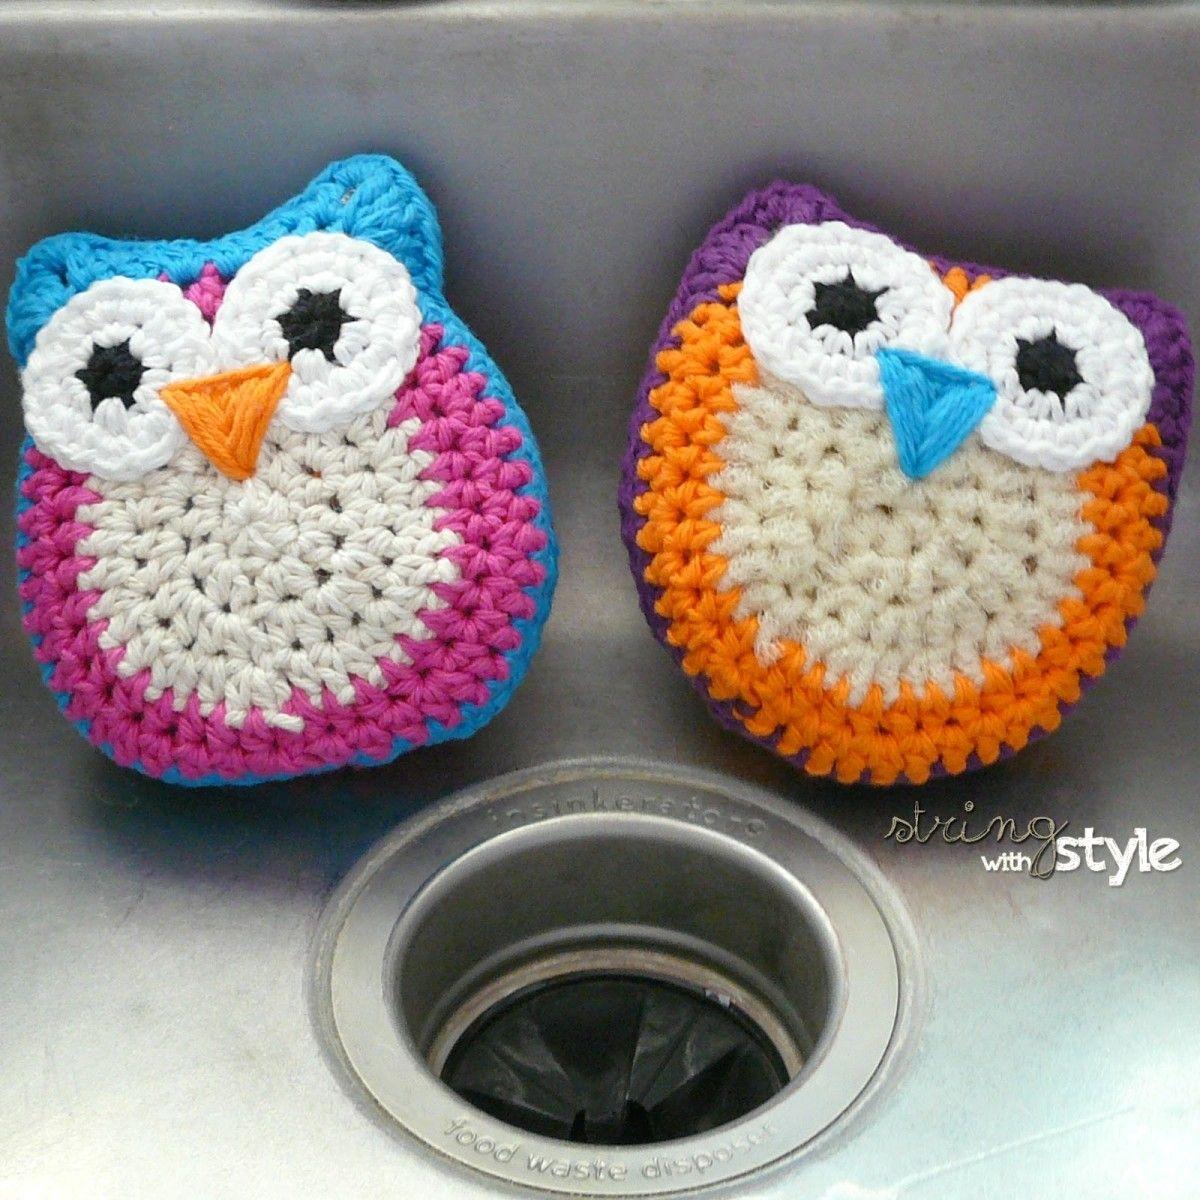 Crochet Scrubbies Free Patterns Top Pins | Tejido, Limpieza y Patrones